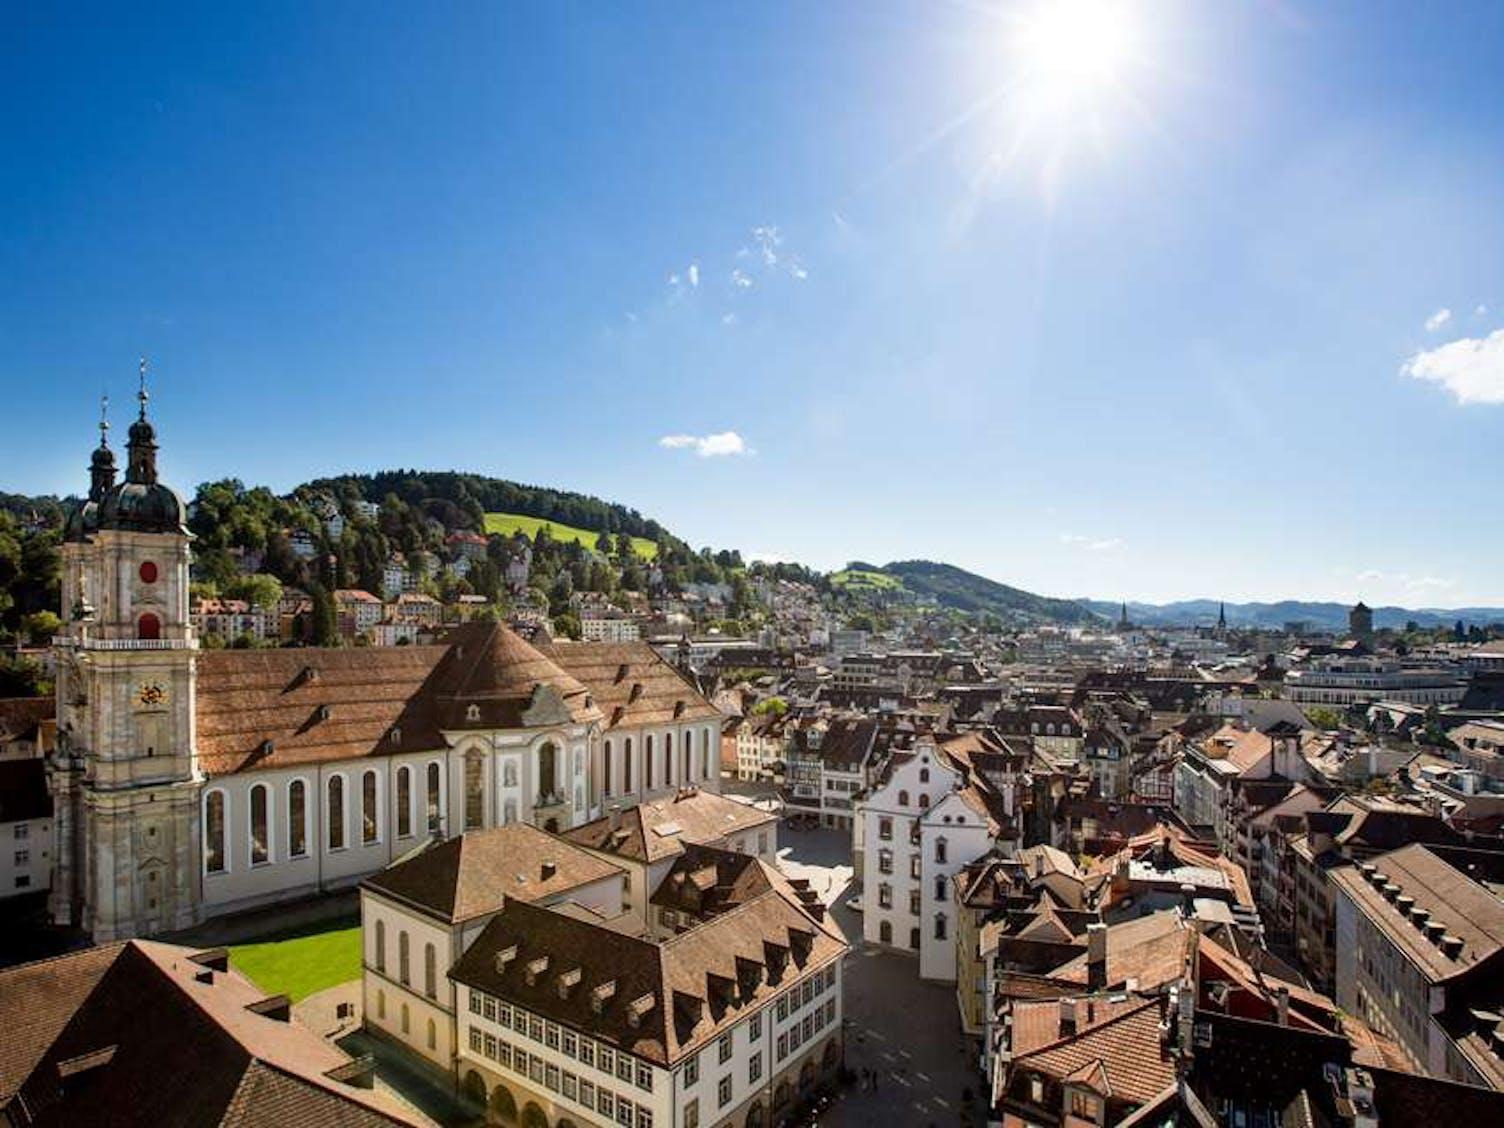 St.Gallen